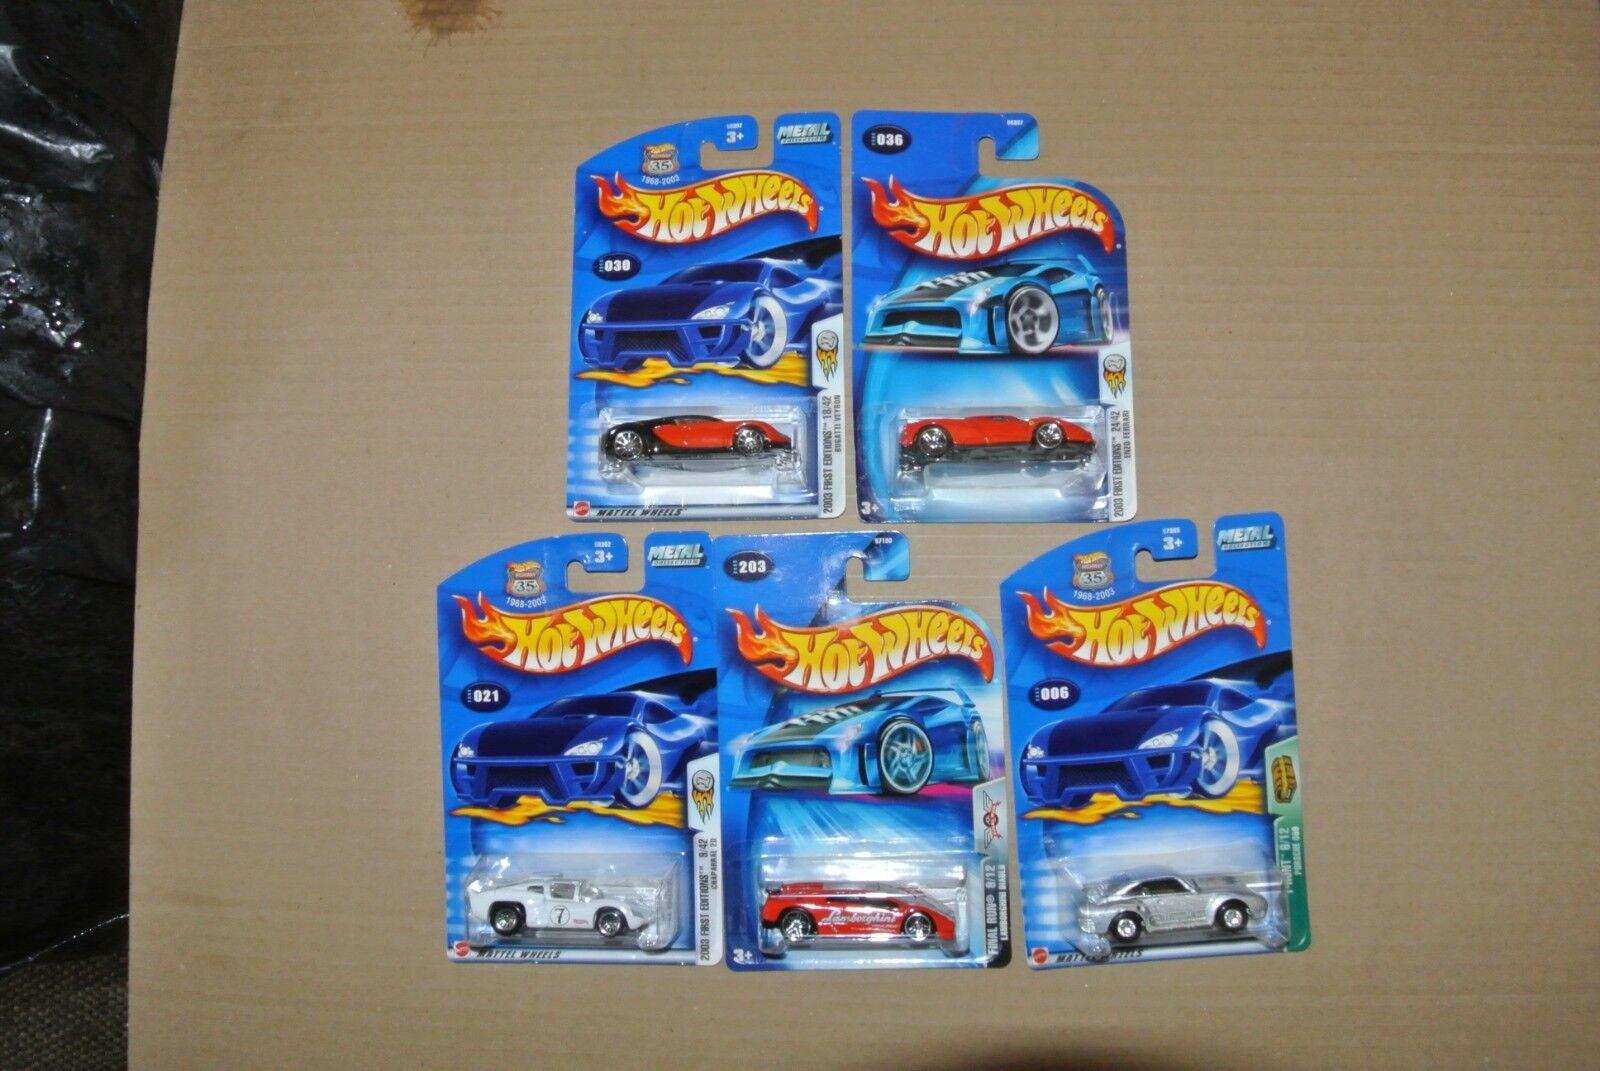 2003 Hot Wheels Coches Conjunto de 5